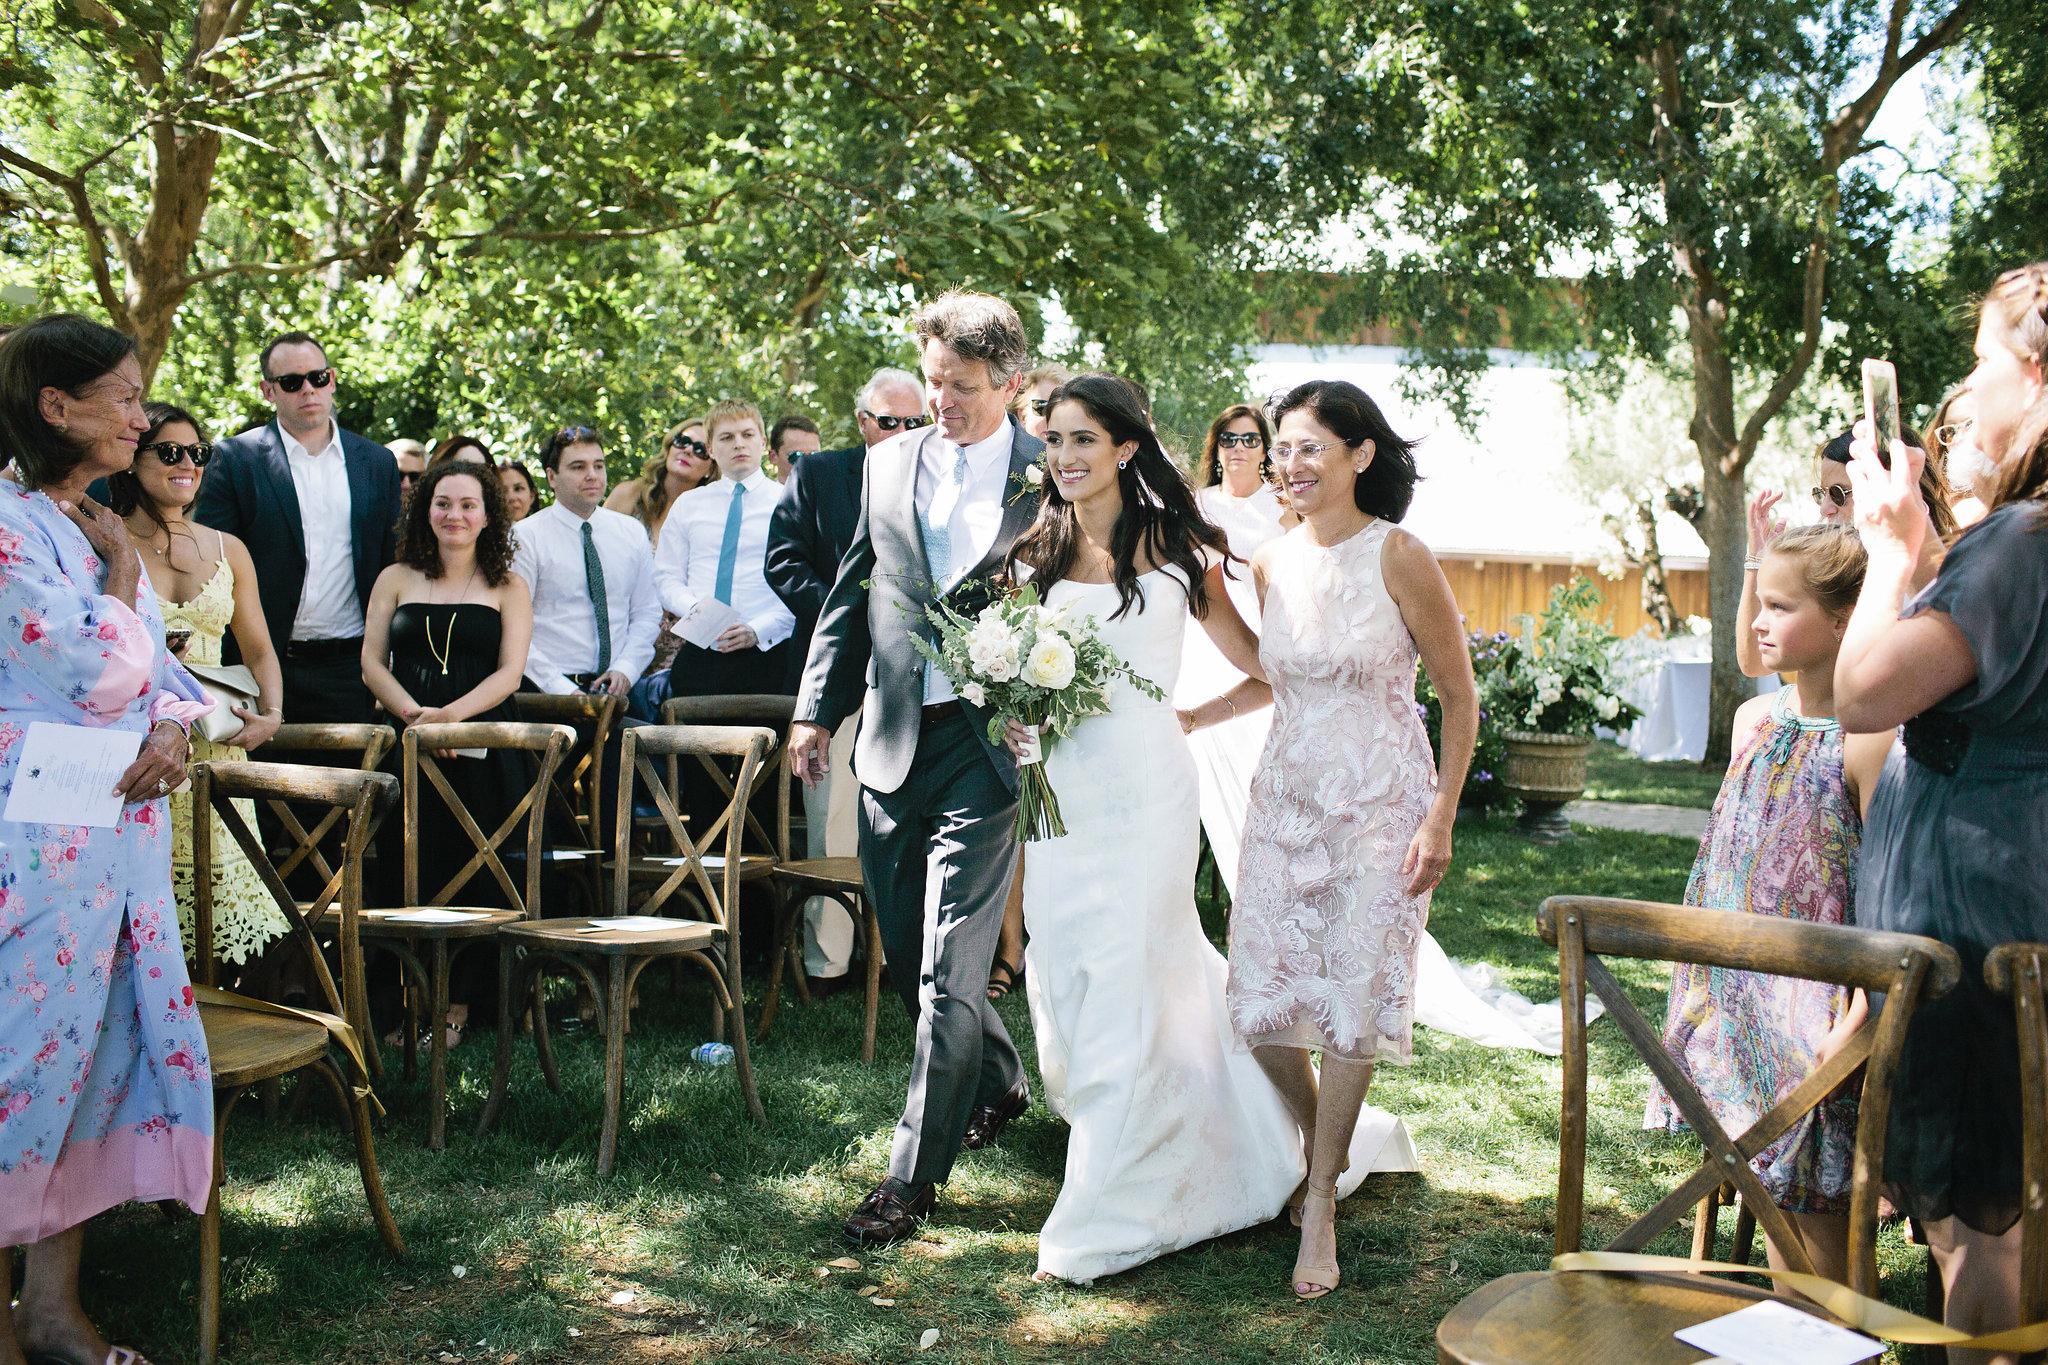 Ru's-Farm-Summer-Wedding-042.JPG